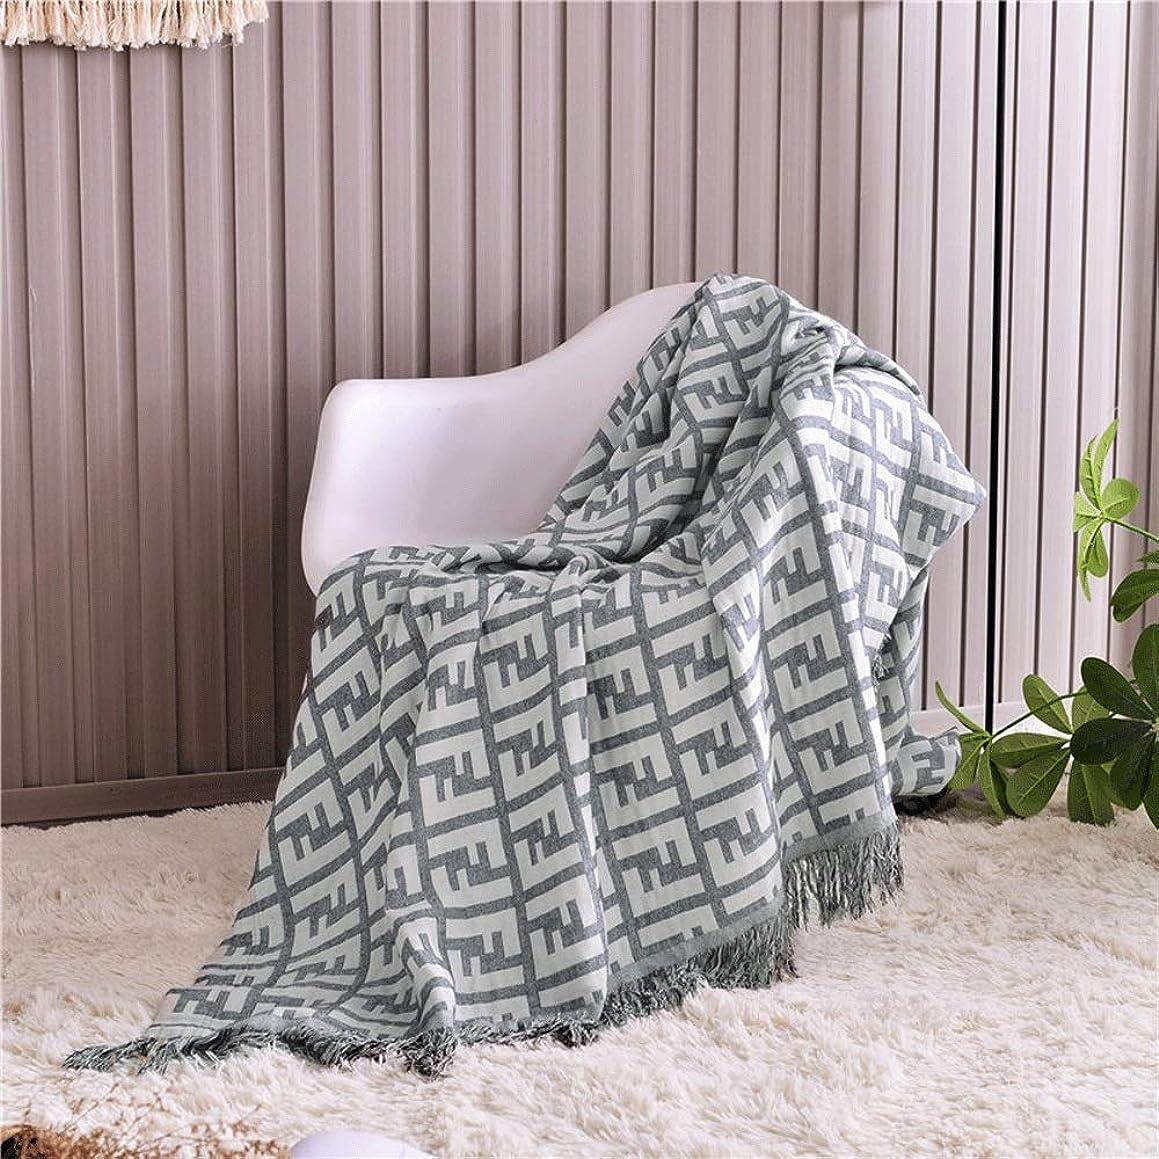 開示する葉を集める歴史家ソフトカウチ毛布 綿ニット投球毛布ソファソファの装飾毛布多機能レジャー毛布 ルームベッドルームビーチトラベル (Color : Gray, Size : 150cmx200cm)